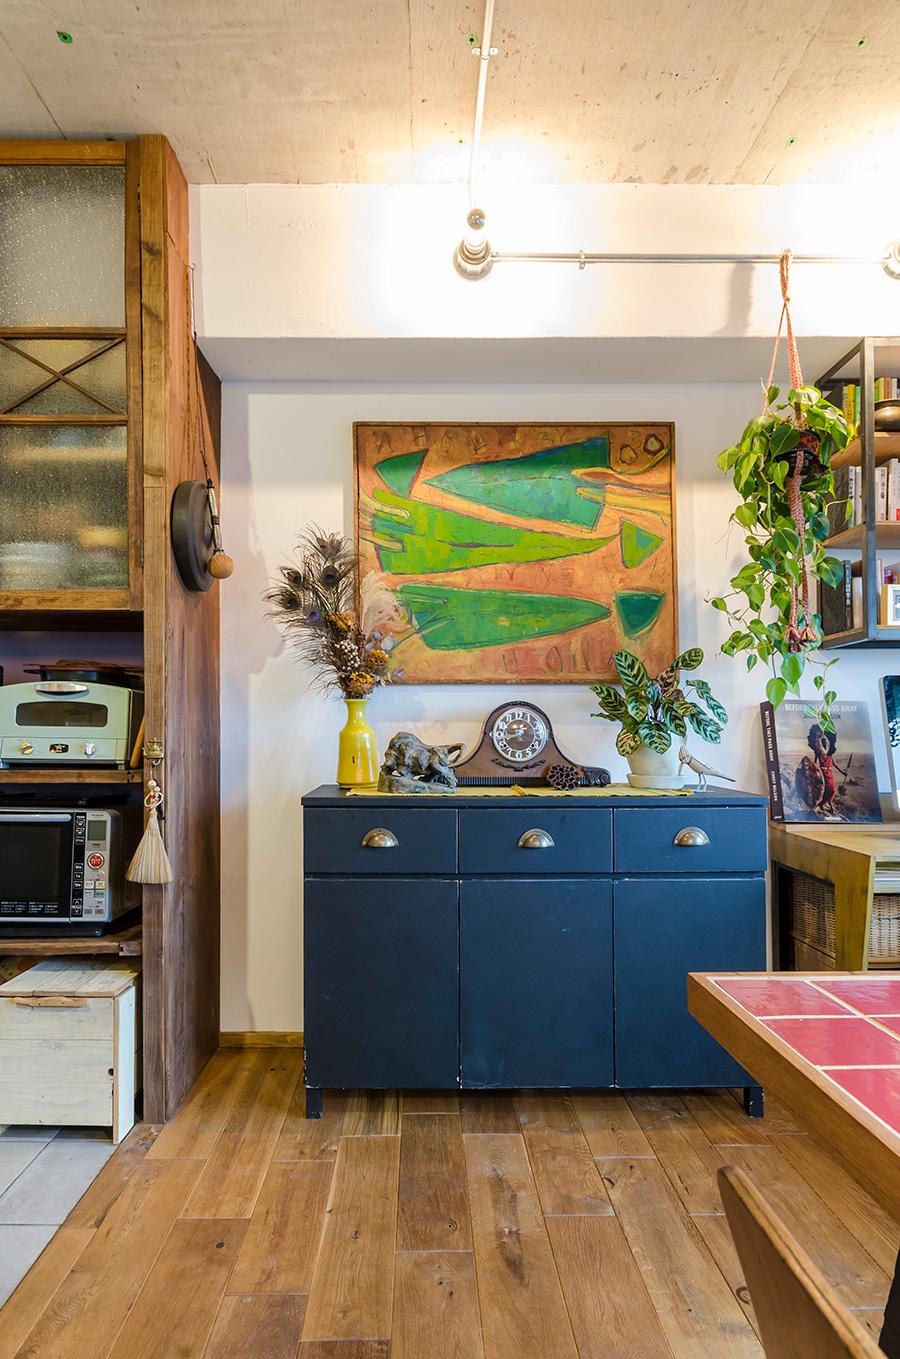 無印良品の棚を黒く塗り、取っ手を付け替えたキャビネット。その上は直樹さんのお母様の作品。